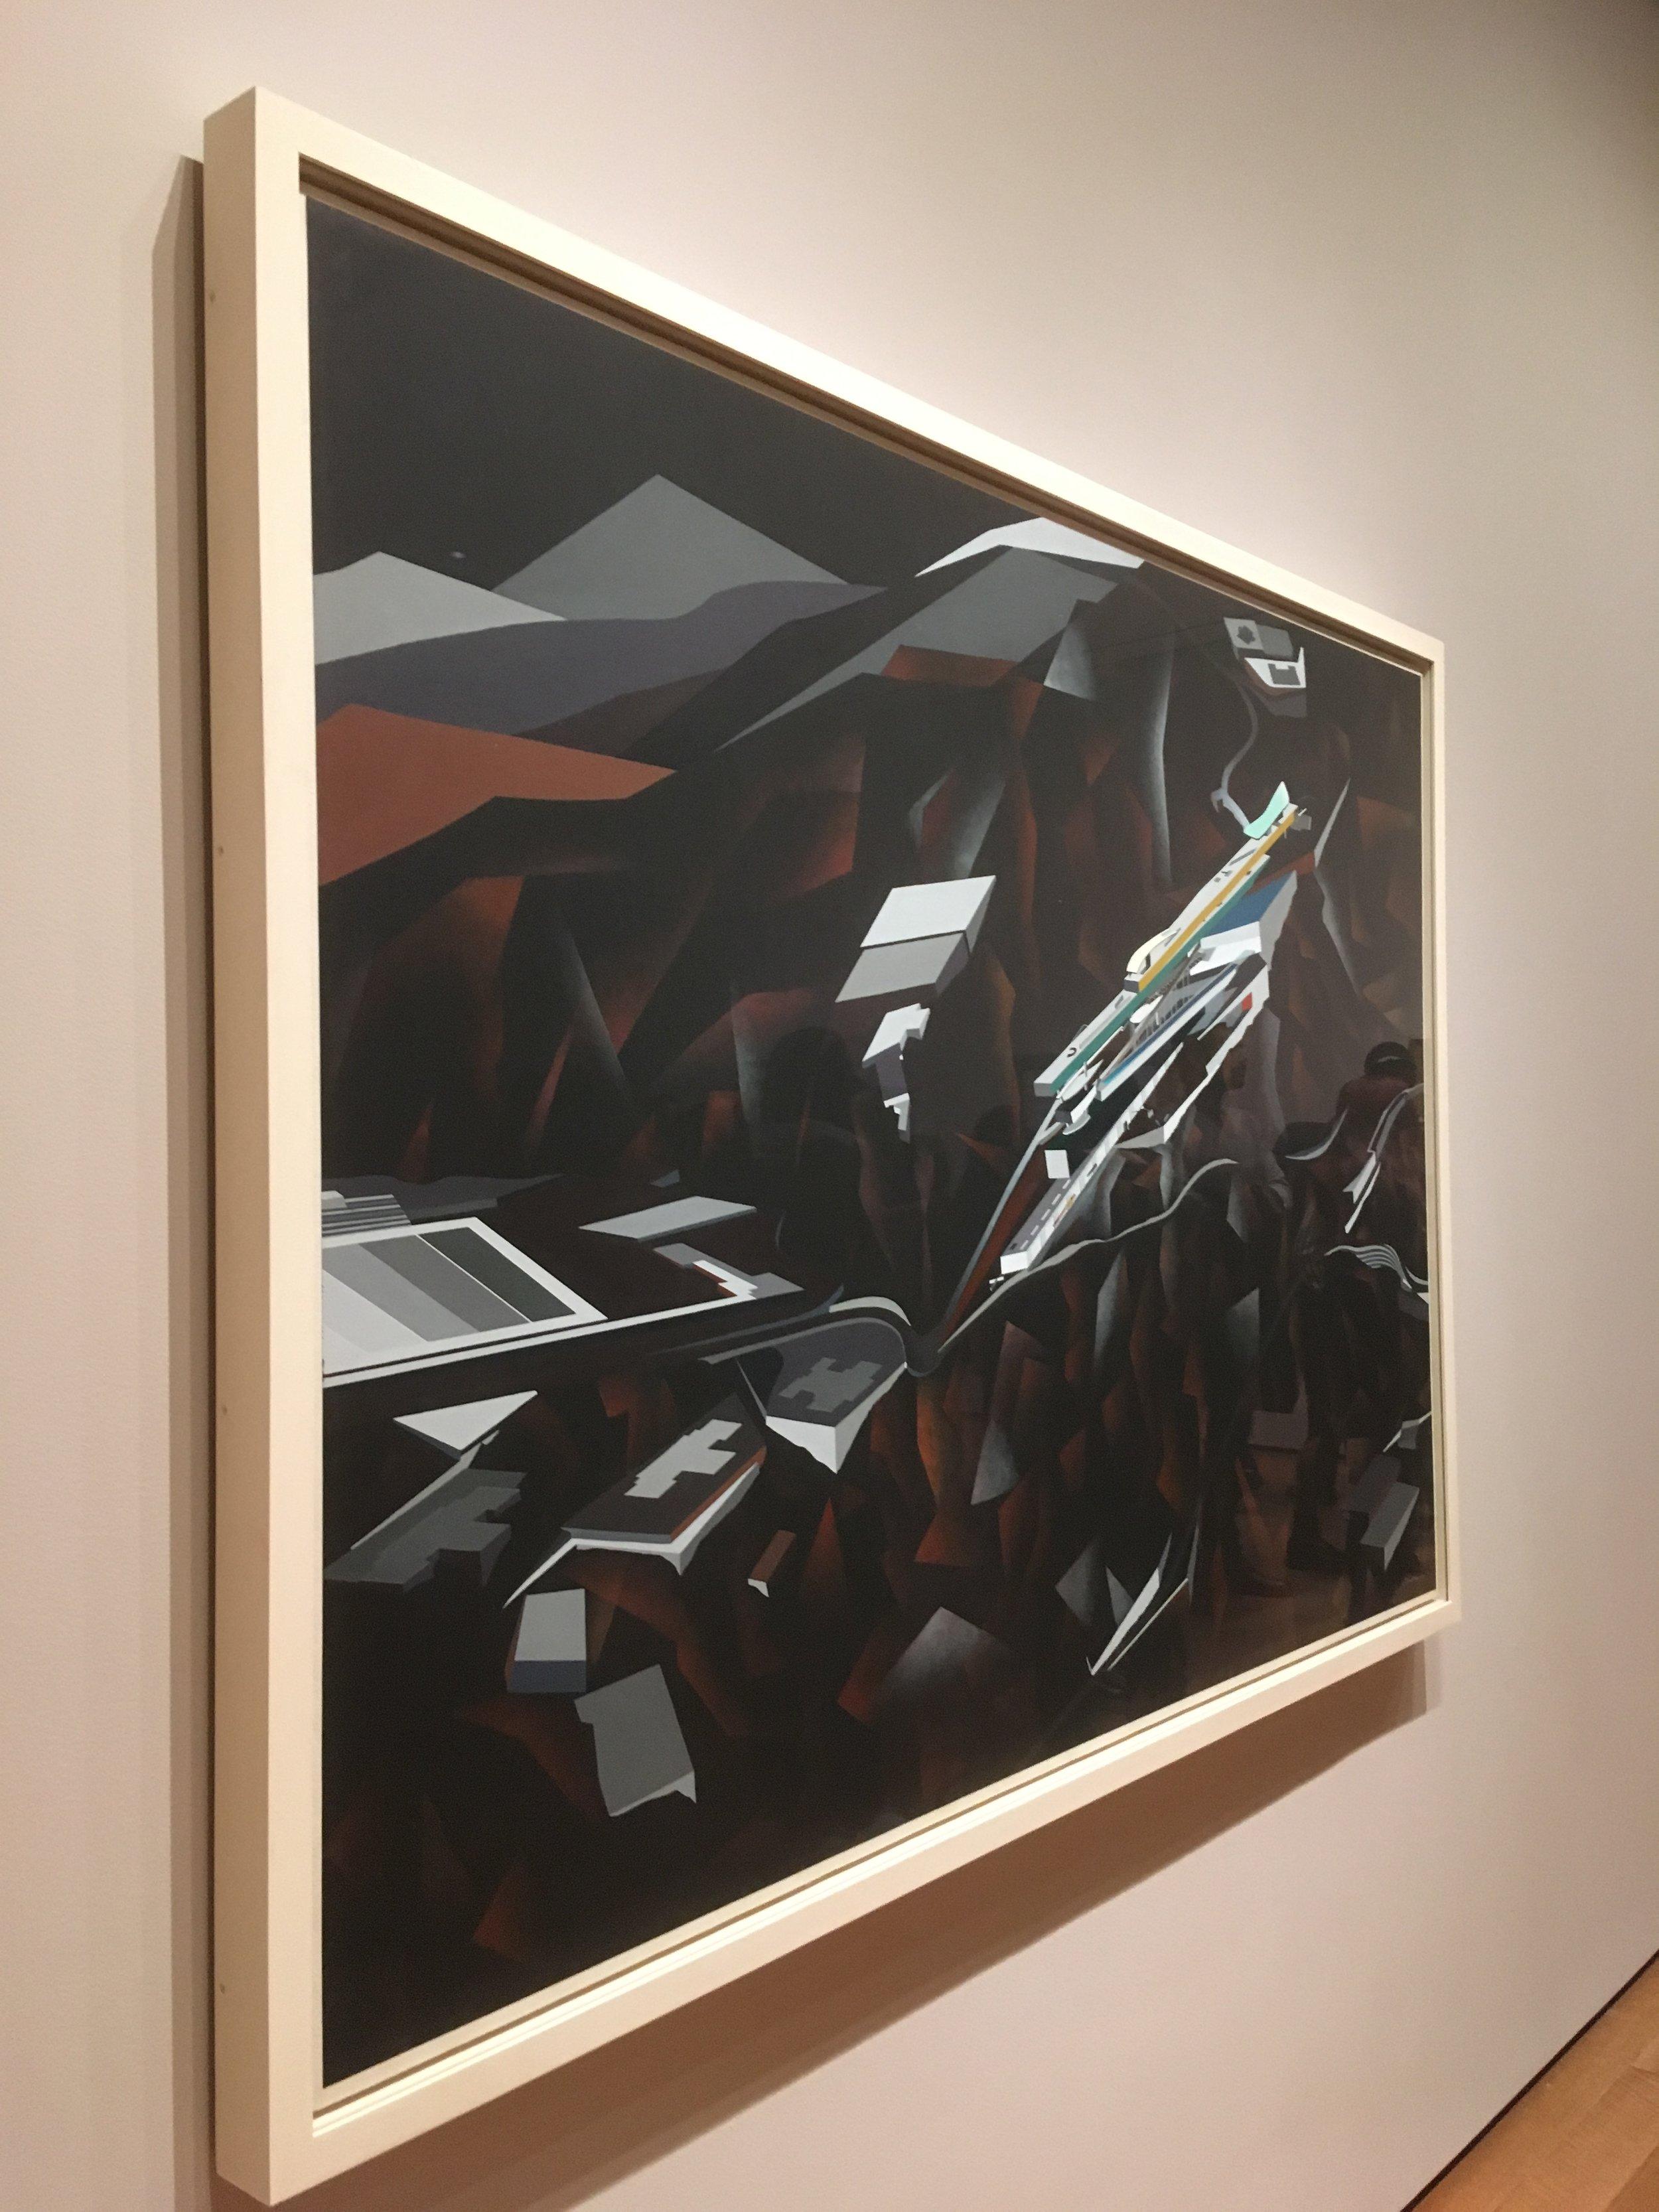 Zaha Hadid at MOMA